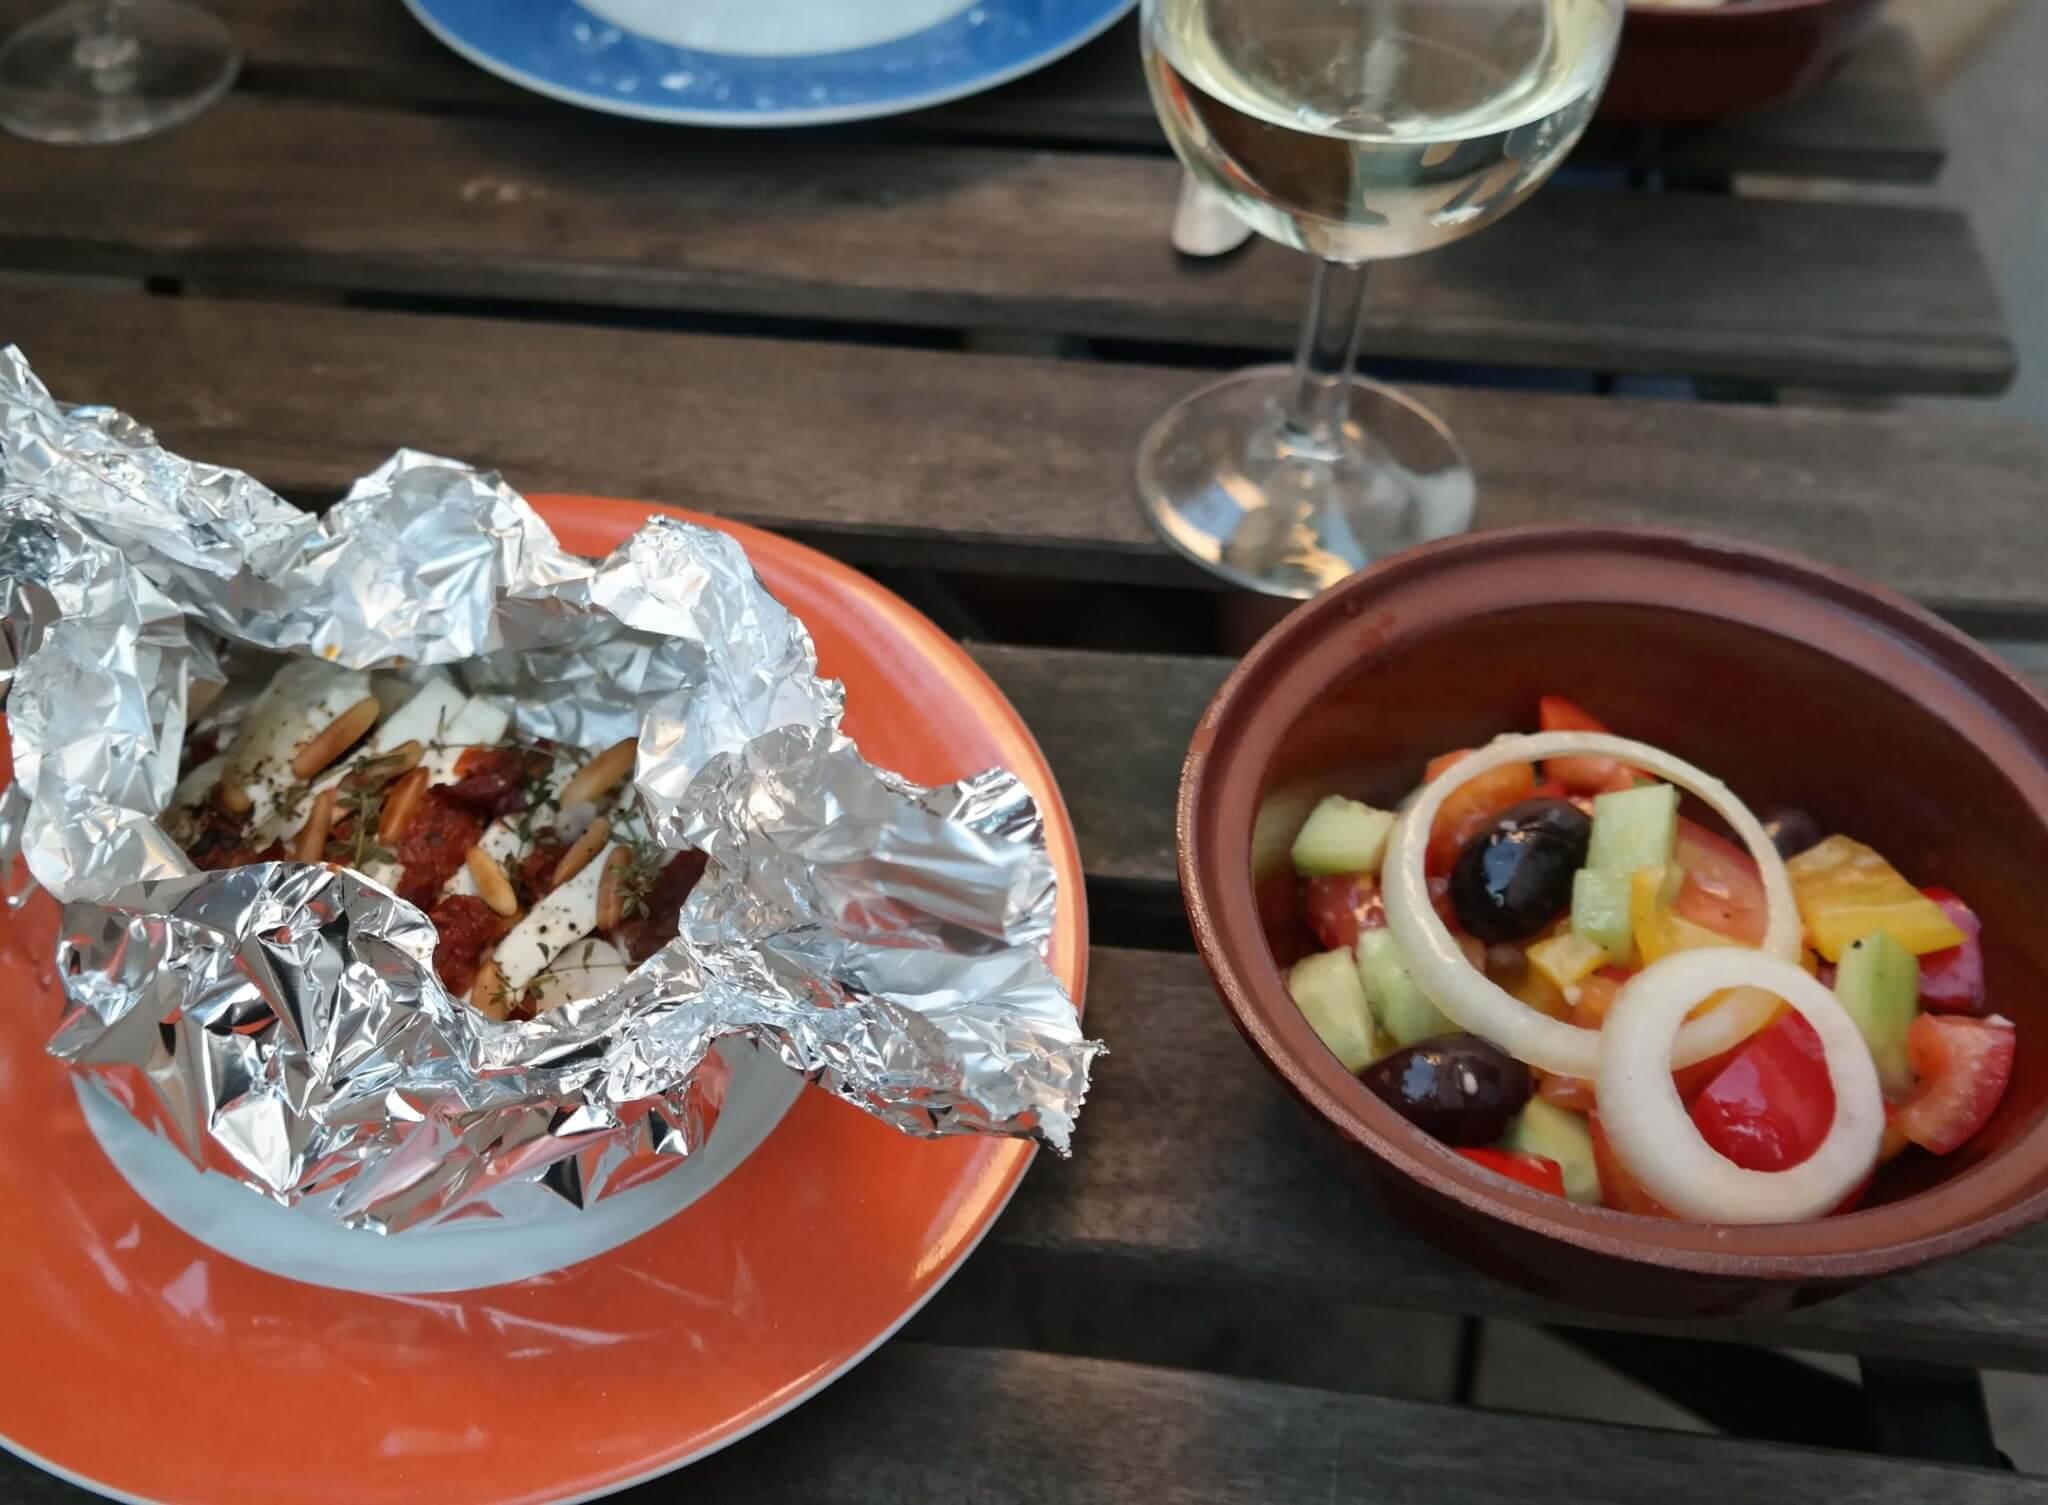 Fetapäckchen mit Salat - Lifestyle Blog